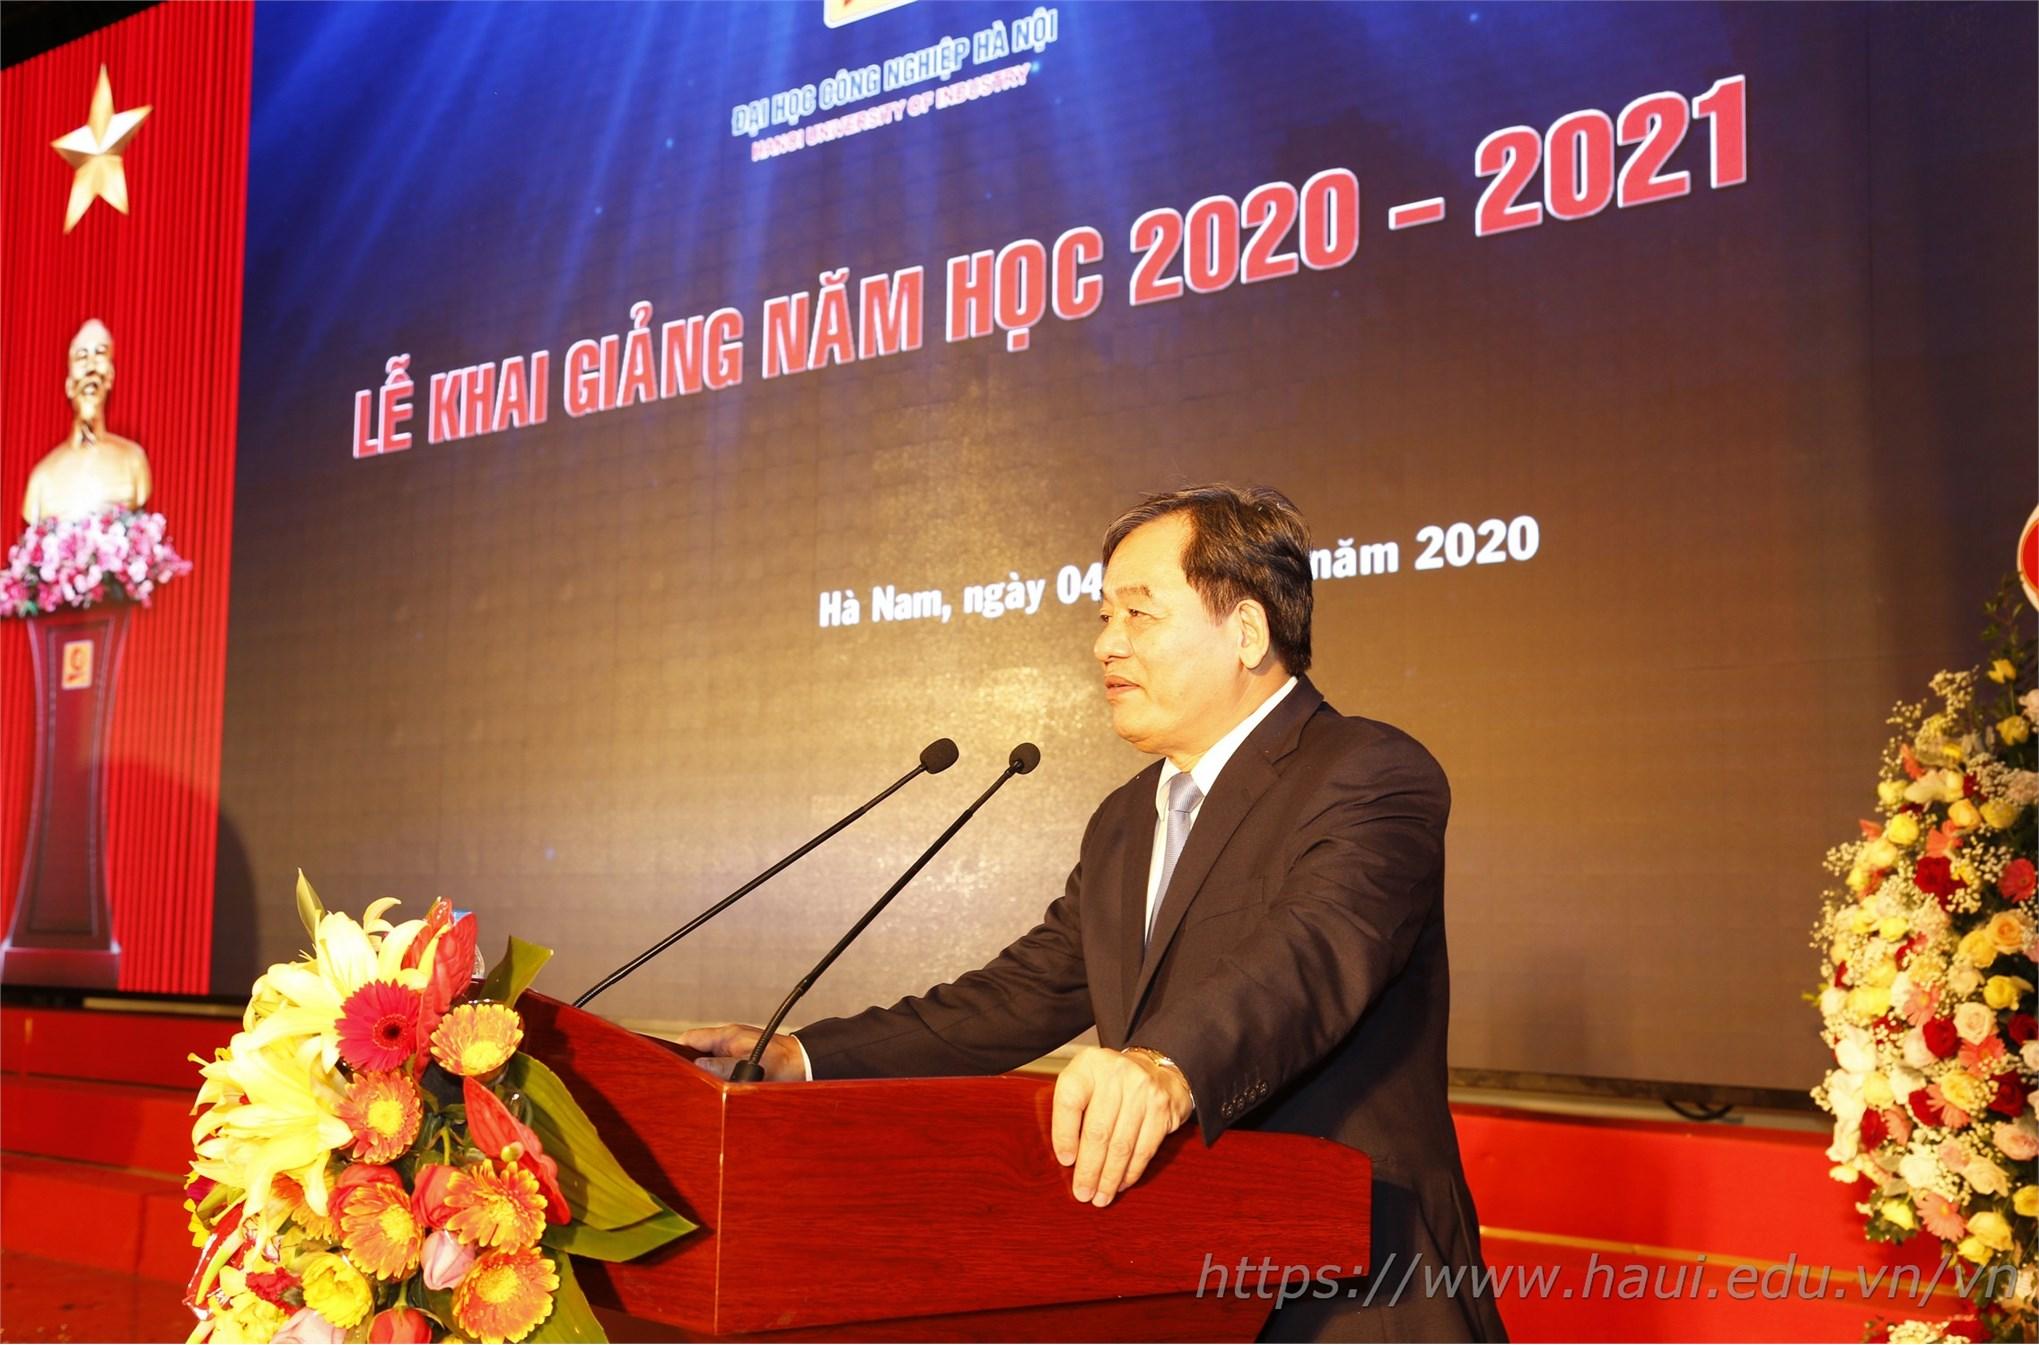 PGS.TS.Trần Đức Quý - Bí thư Đảng ủy, Hiệu trưởng nhà trường phát biểu tại Lễ khai giảng năm học 2020 - 2021